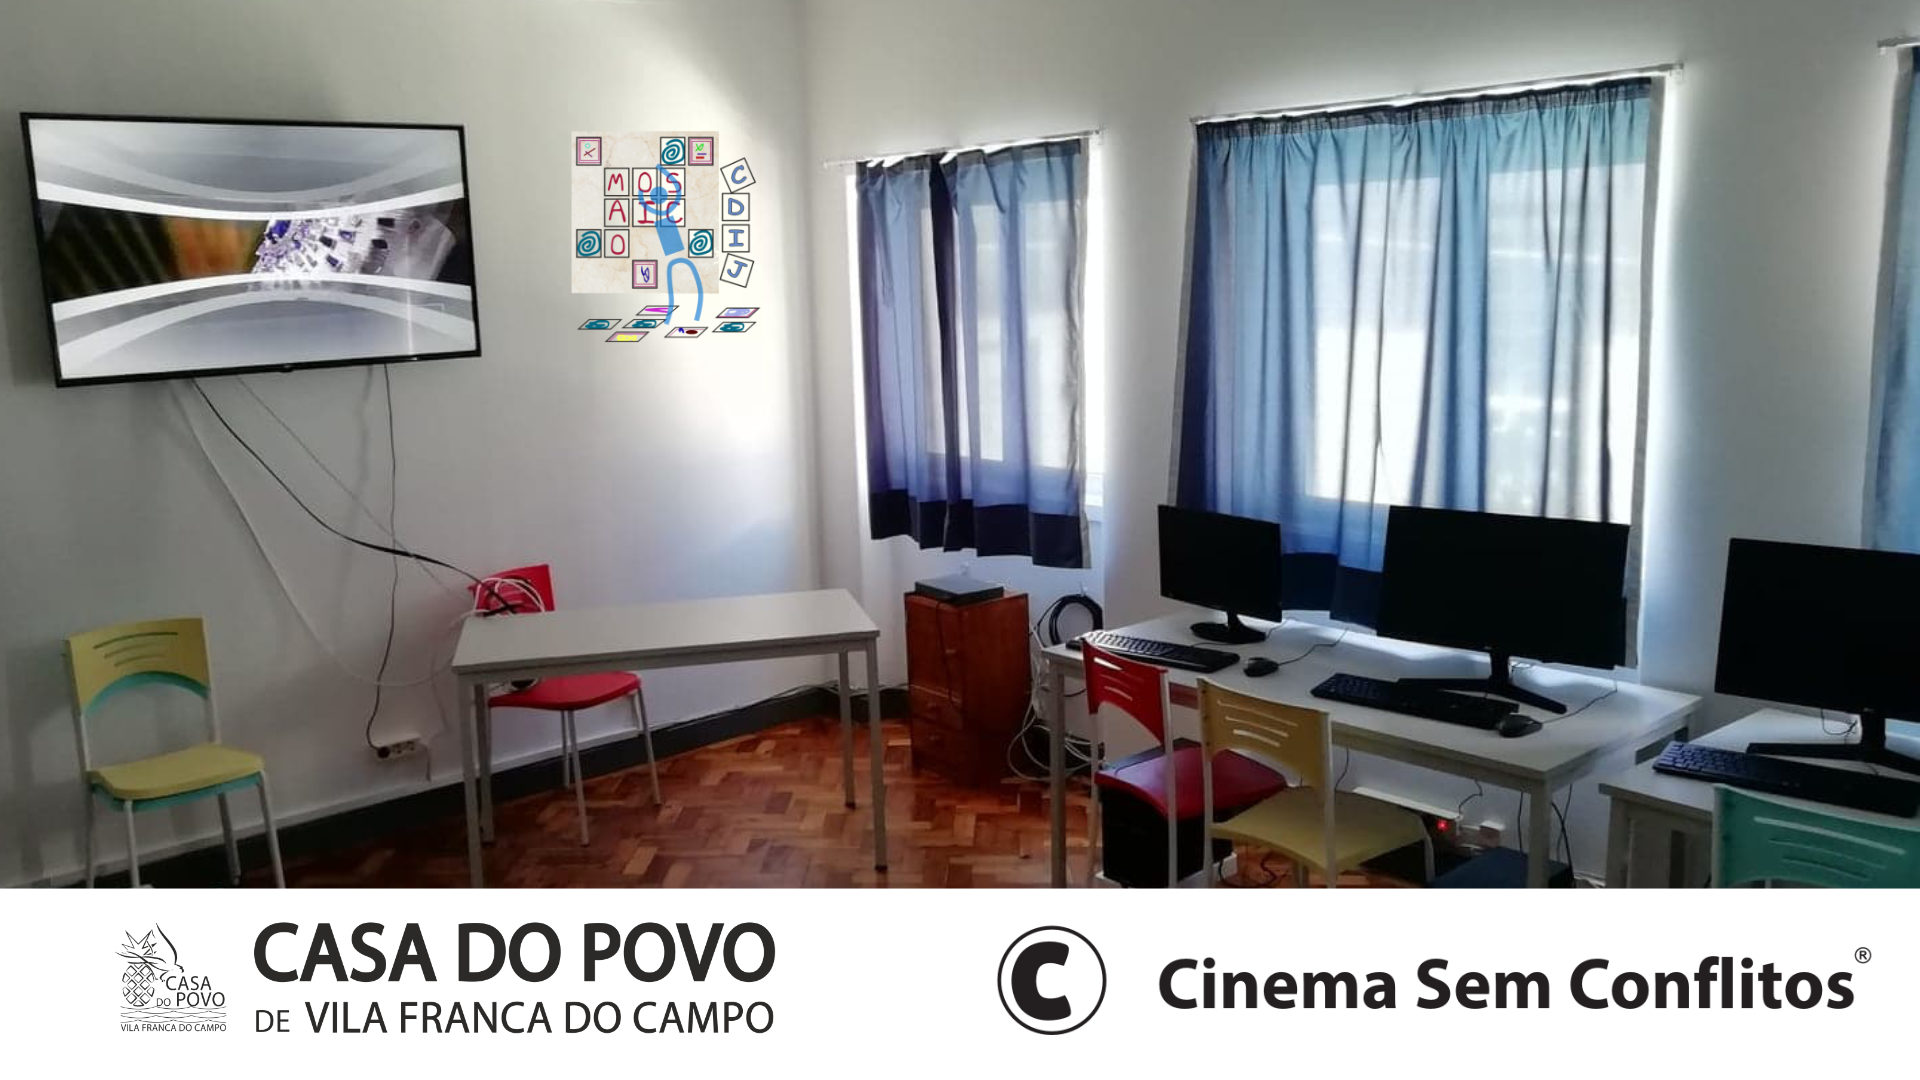 Casa do Povo de Vila Franca do Campo